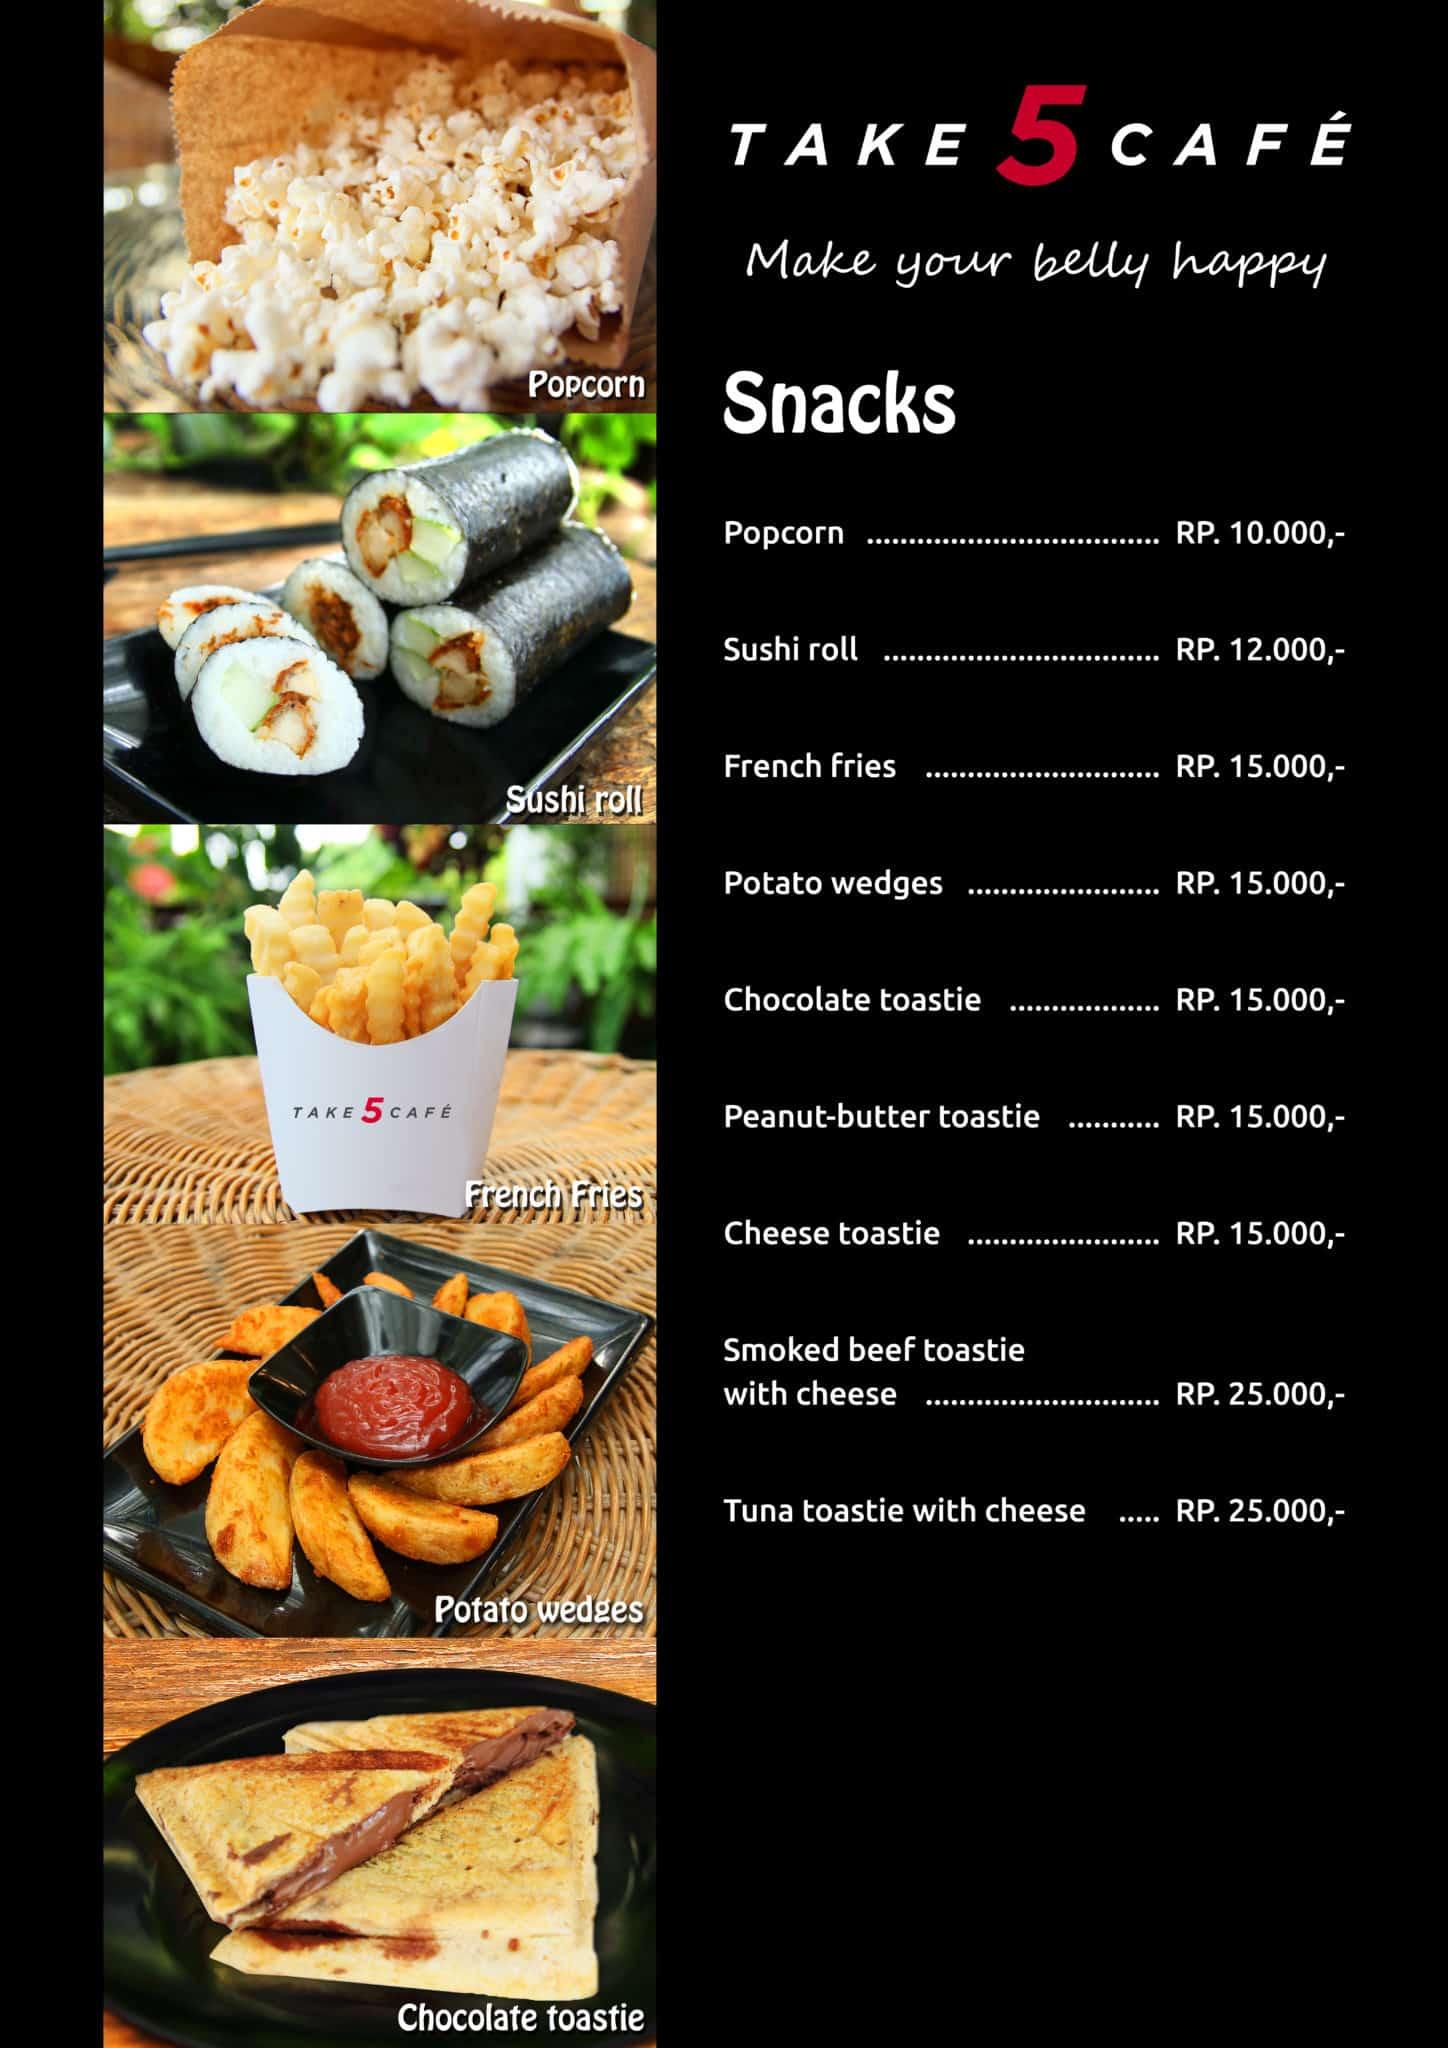 Take 5 Cafe Snacks Menu